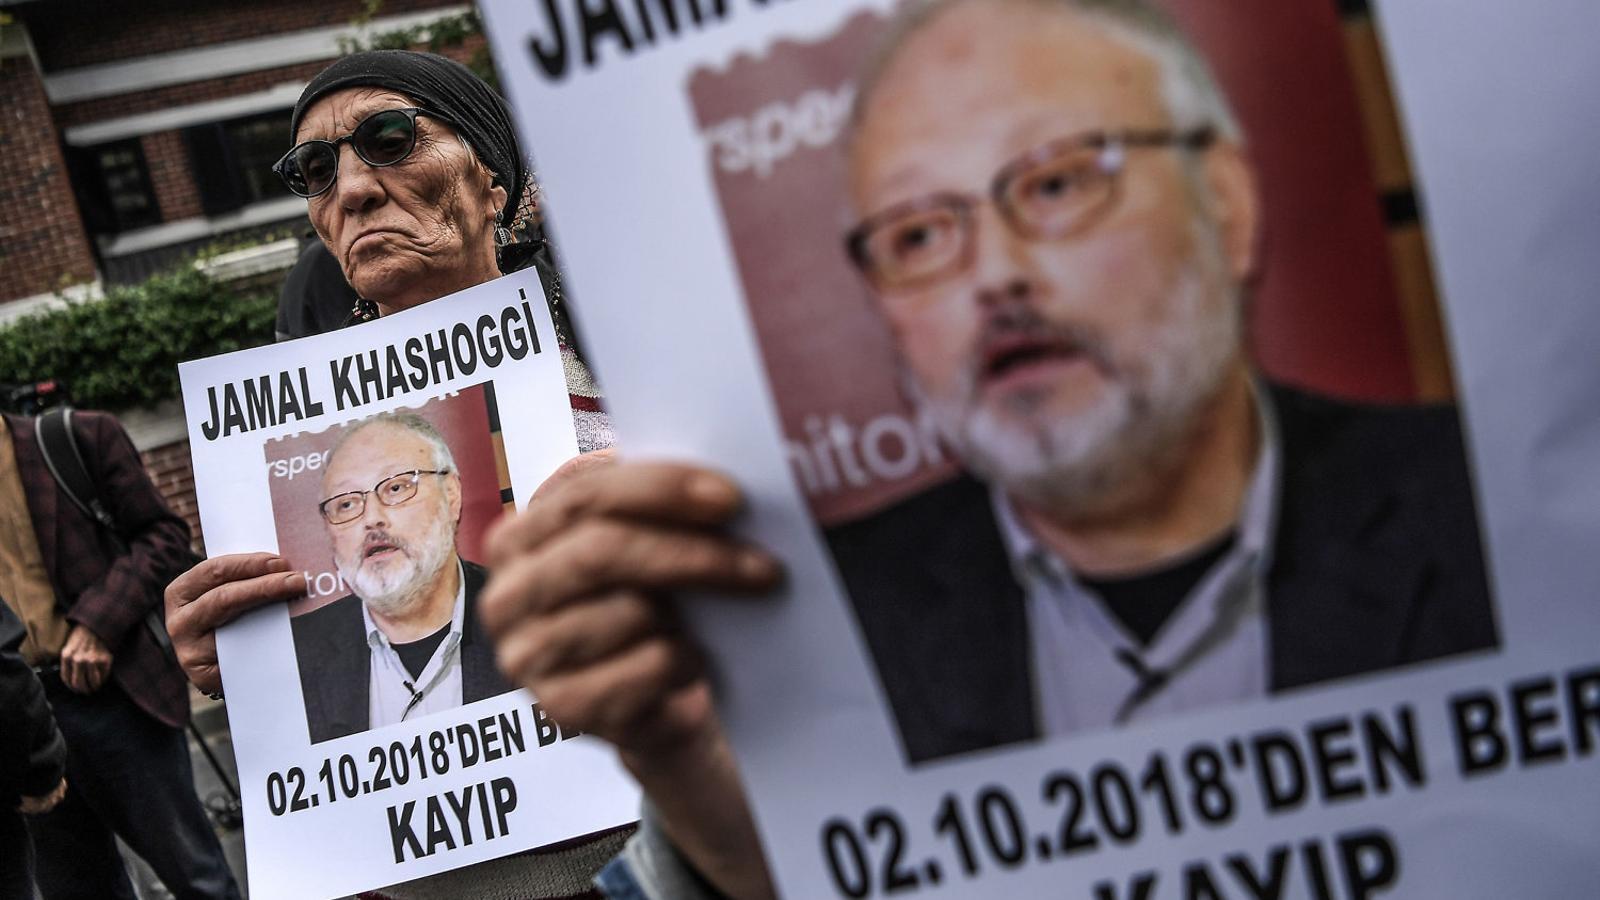 Manifestants protestant per la mort de Khashoggi amb retrats del periodista.